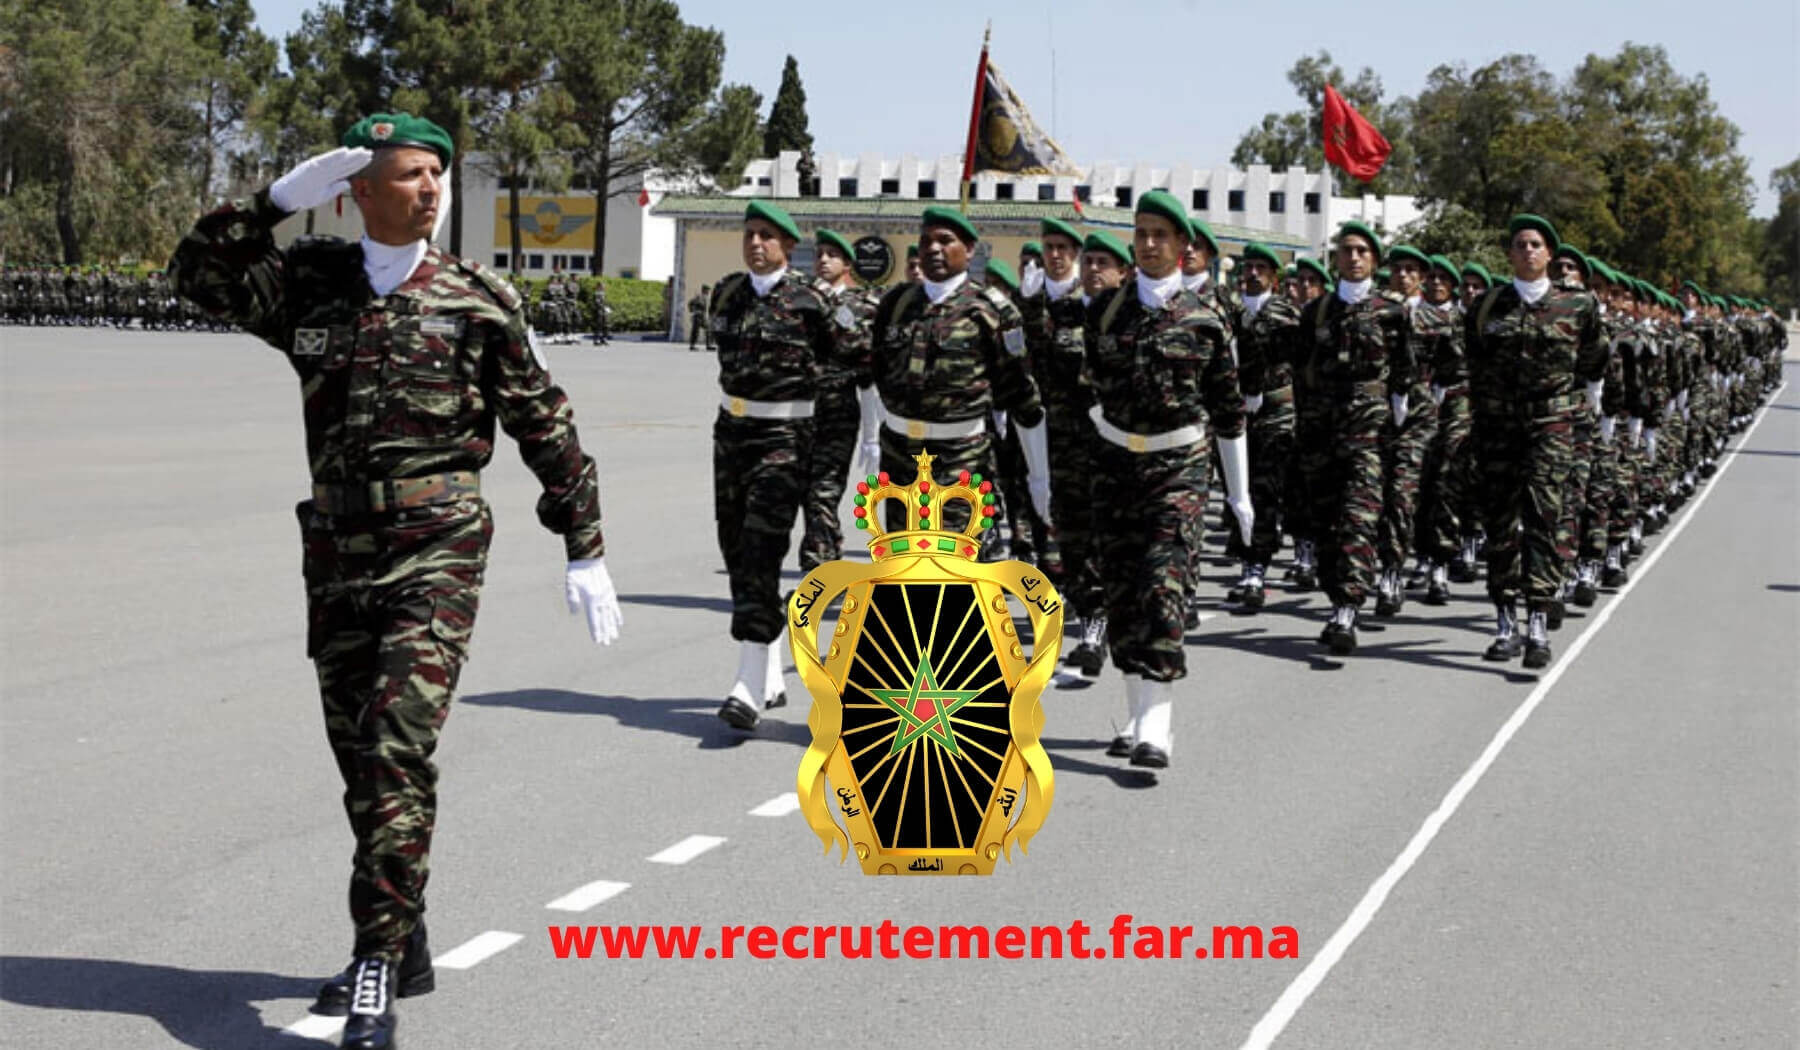 مباريات ضباط القوات المسلحة الملكية 2021 الشروط والتسجيل